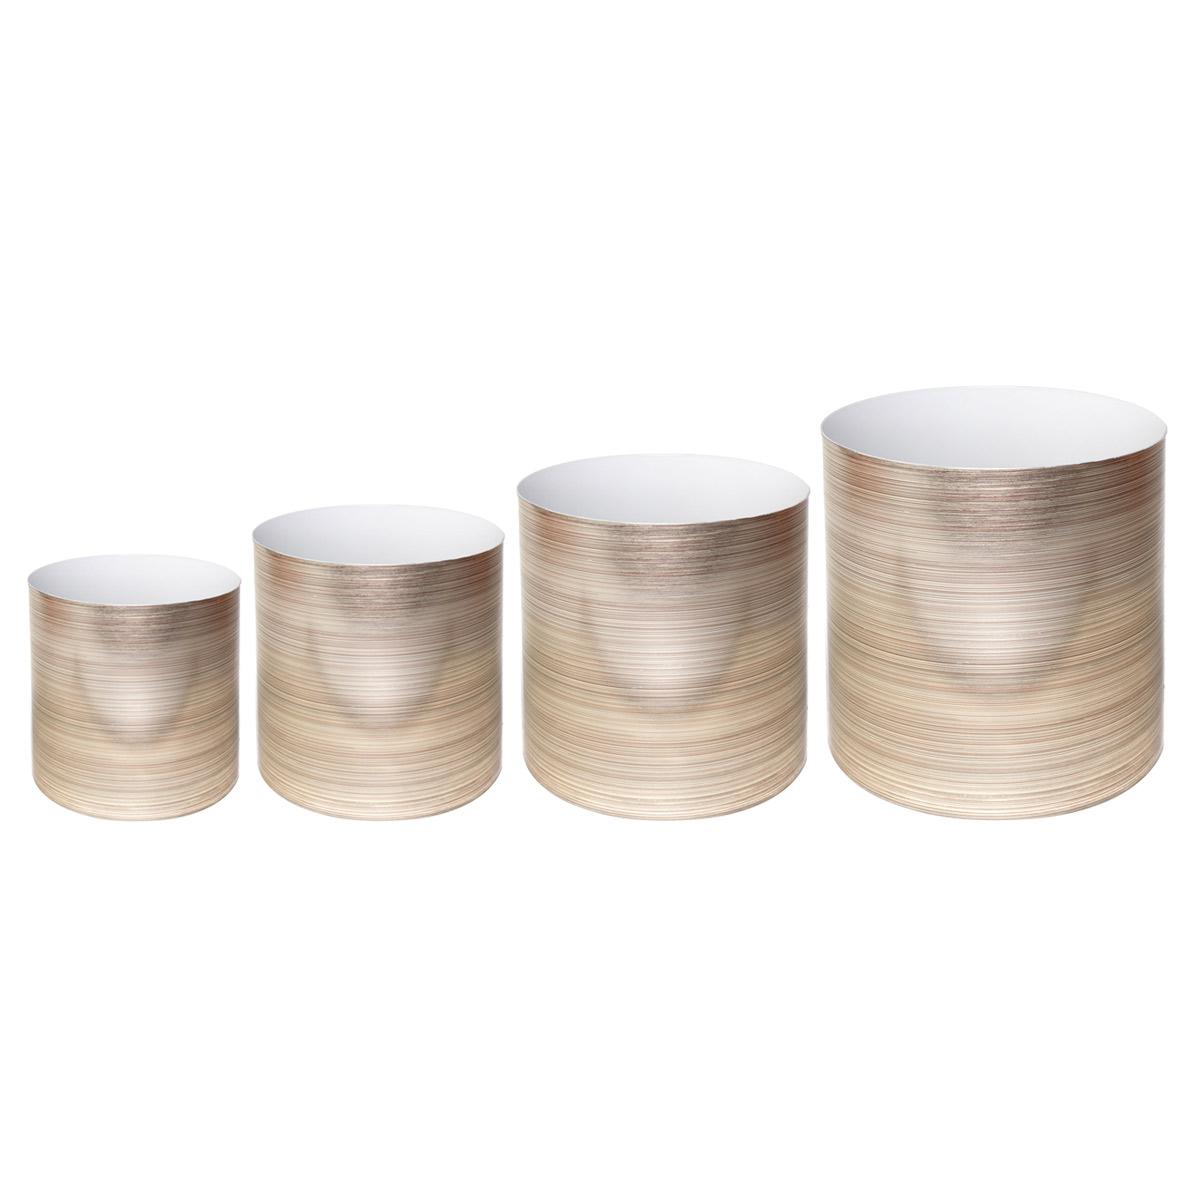 Набор горшков для цветов Miolla Золото, со скрытым поддоном, 4 предметаSMG-SET16Набор Miolla Золото состоит из 4 горшков со скрытыми поддонами. Горшкивыполнены из пластика. Изделия предназначены для цветов. Изделия оснащены специальными скрытыми поддонами.Диаметр горшков: 20,5 см, 16,5 см, 13,5 см, 11,5 см.Высота горшков (с учетом поддона): 19 см, 16 см, 13,5 см, 11,5 см.Объем горшков: 1 л, 1,7 л, 2,8 л, 5,1 л.